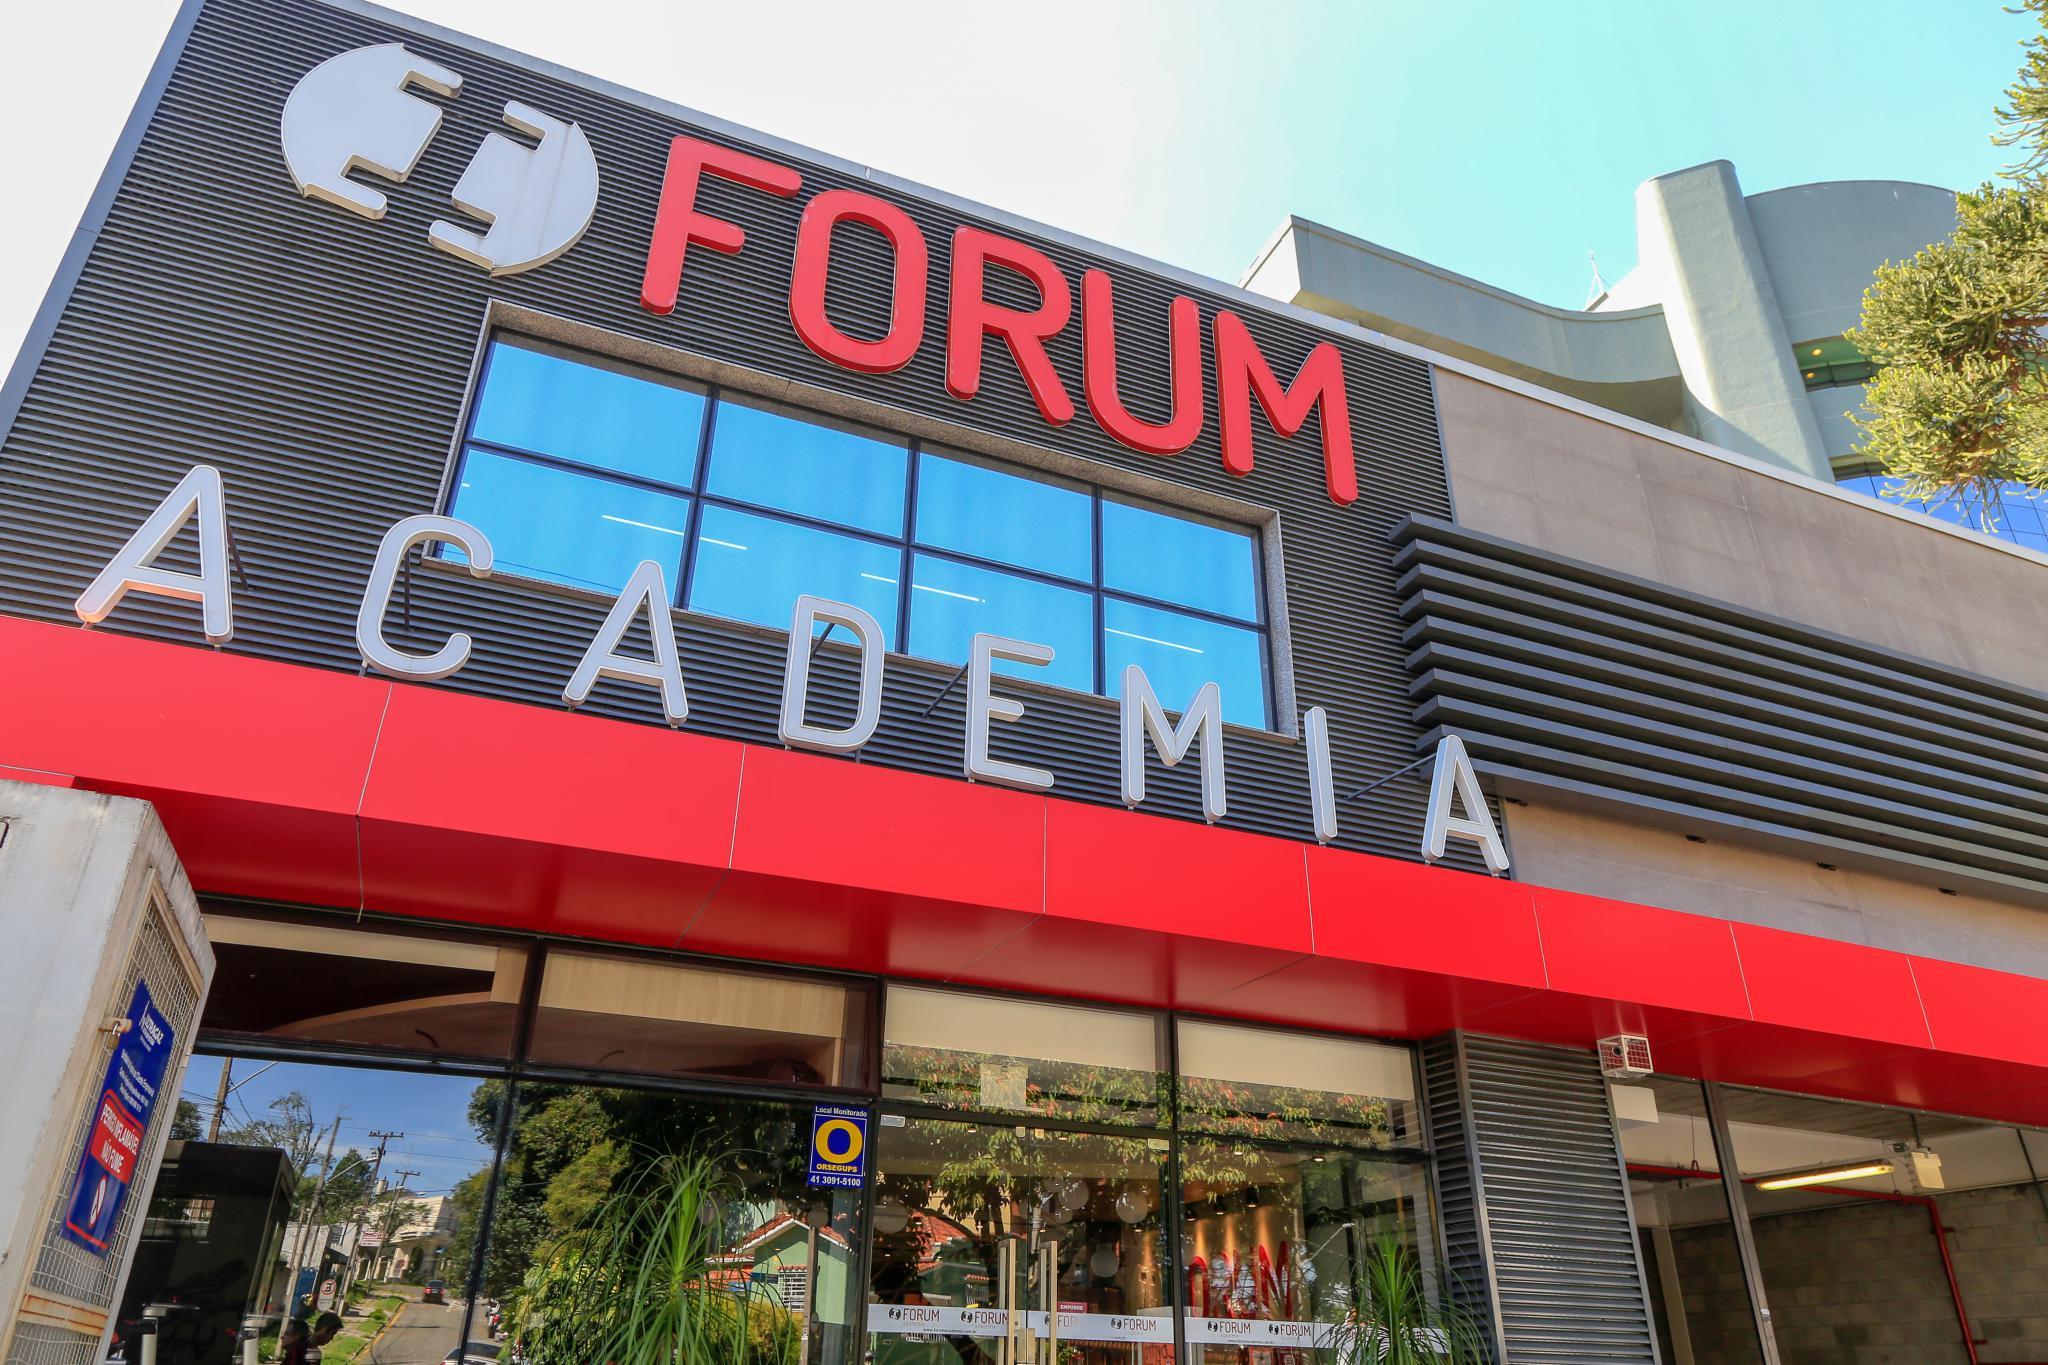 Melhor academia do Cabral e região!